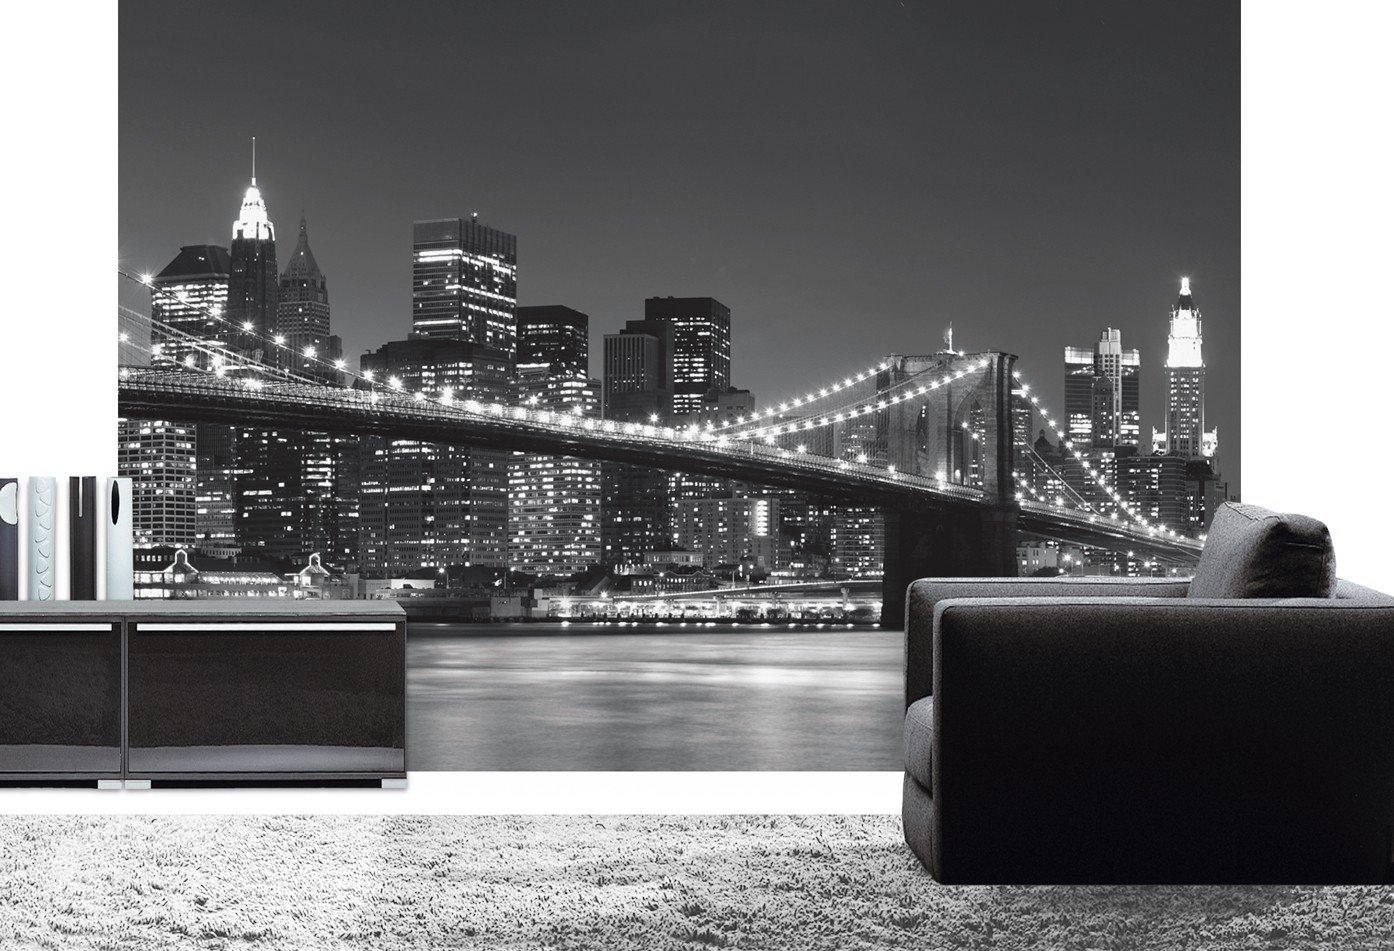 Fototapete skyline schwarz weiß  Fototapete Nighttime Manhattan 366 x 254 cm Tapete Schwarz Weiß ...